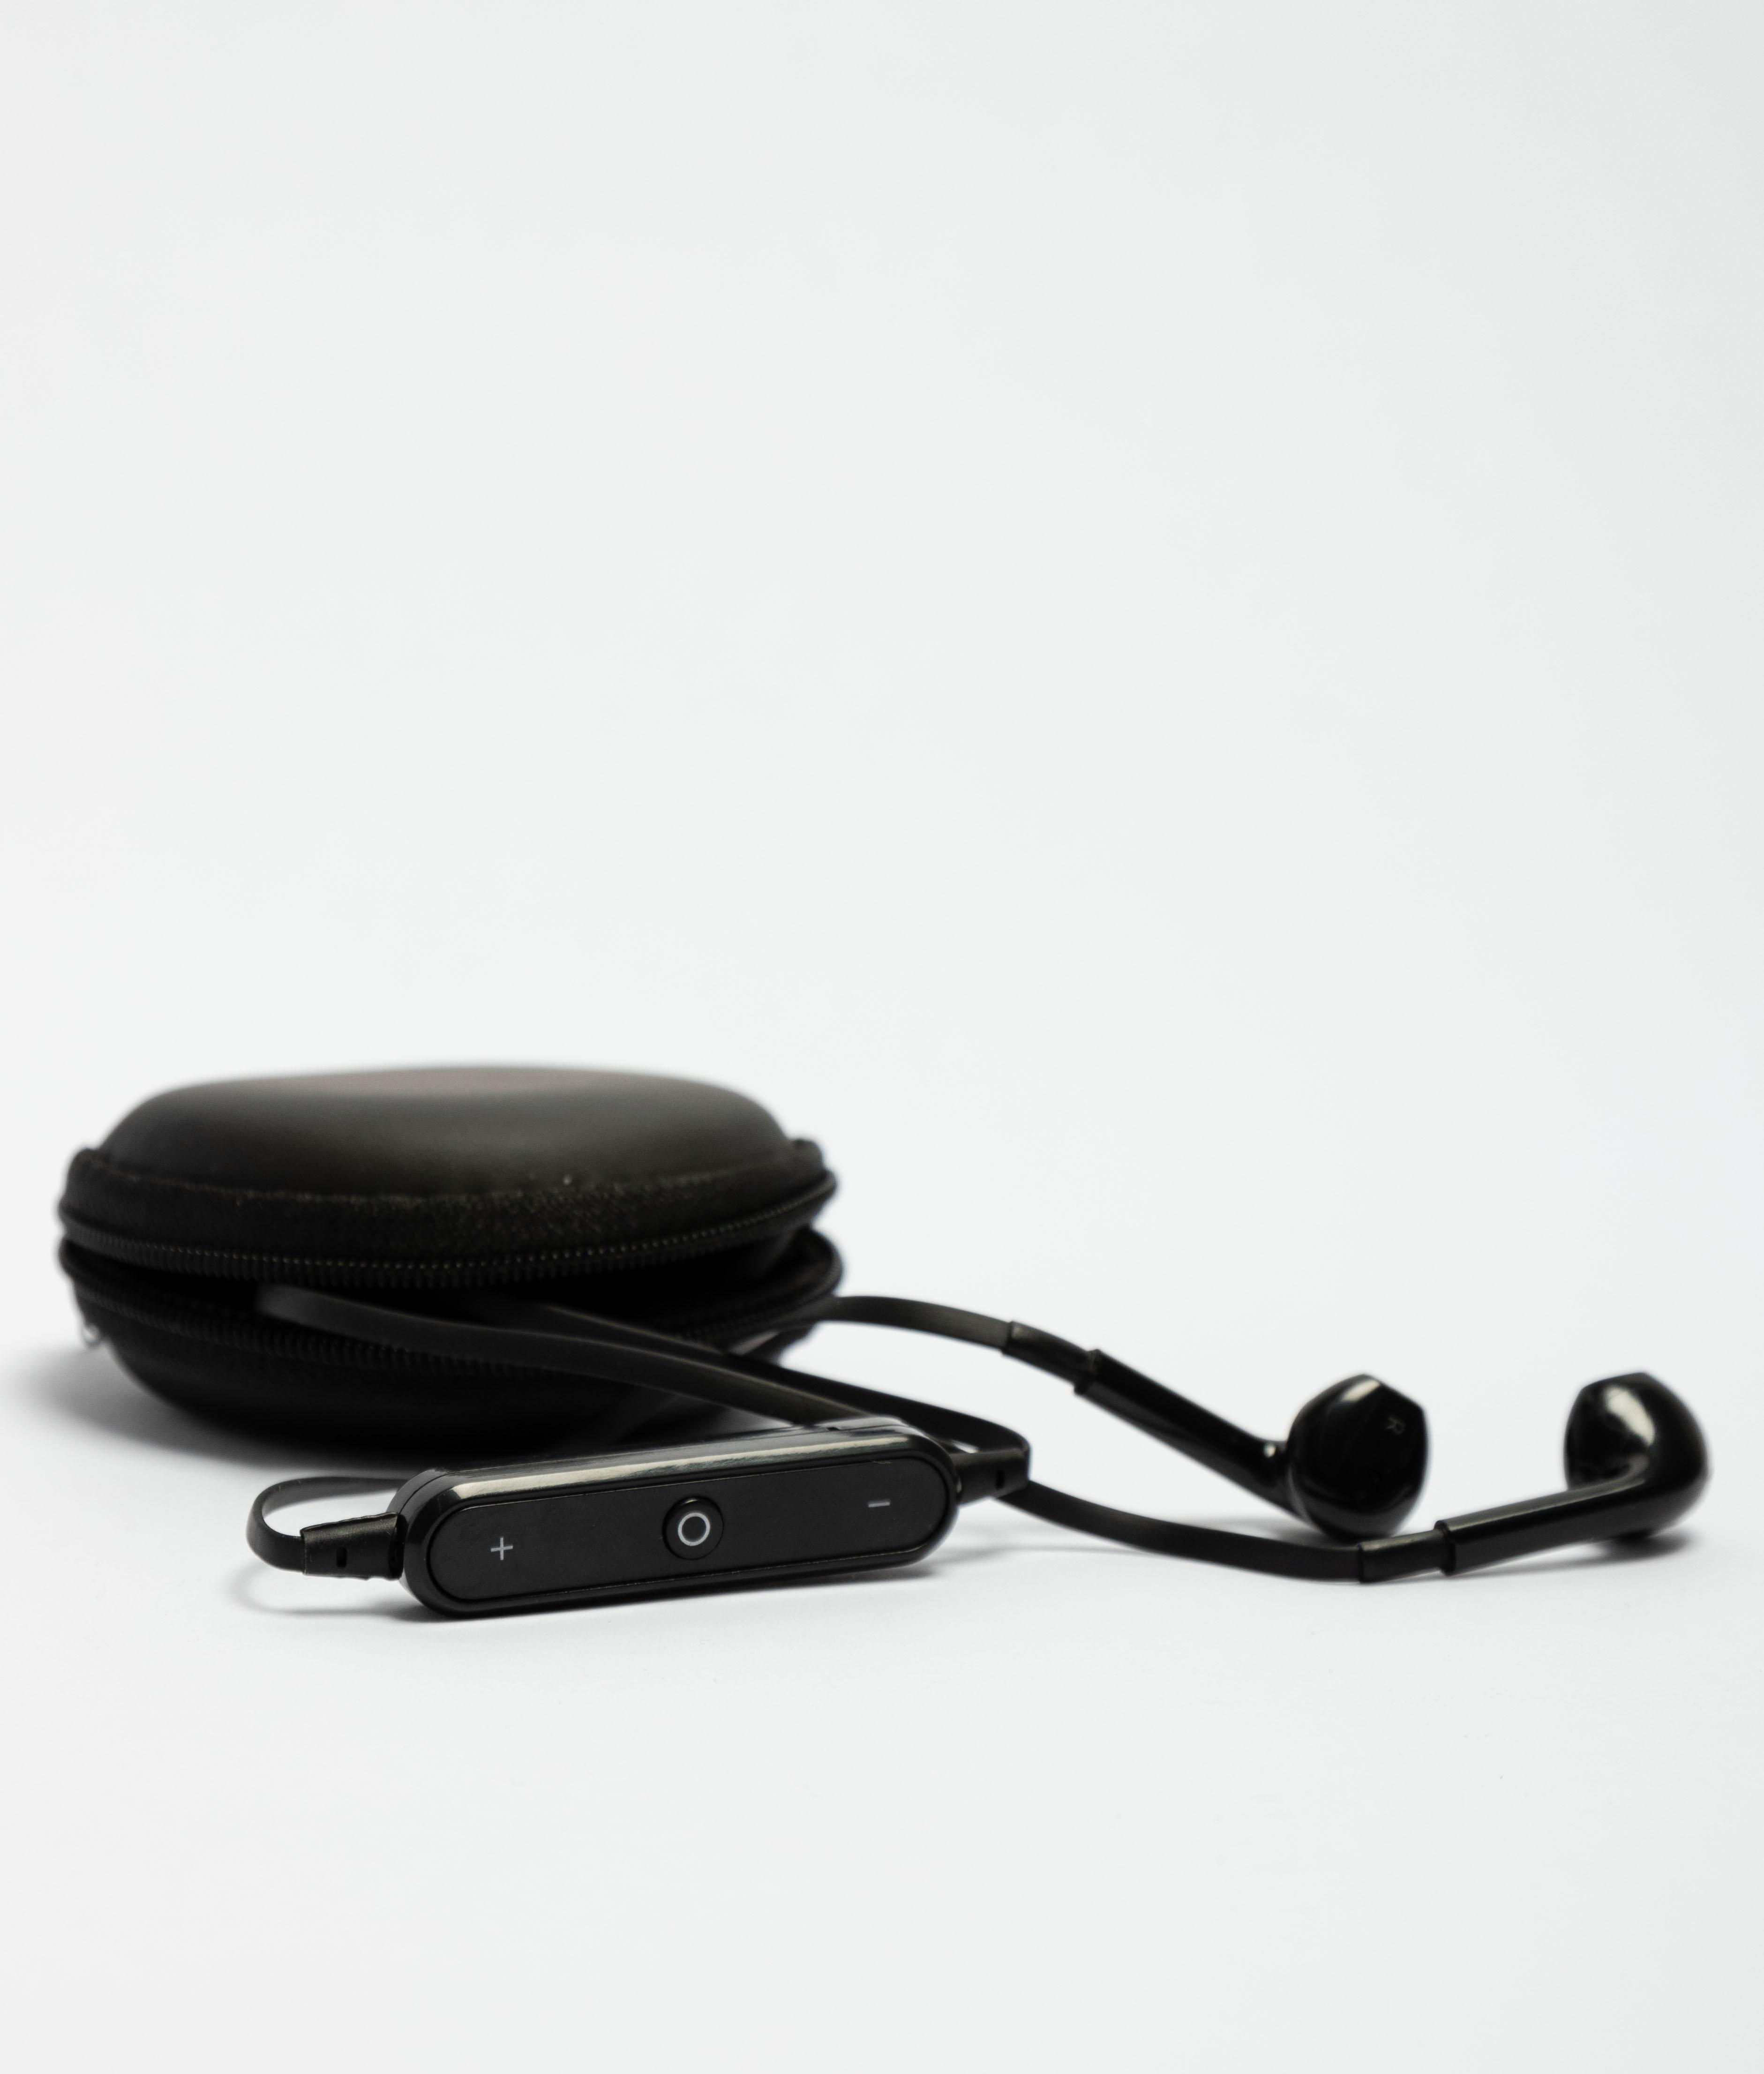 Auriculares Inalámbricos Kura - Negro